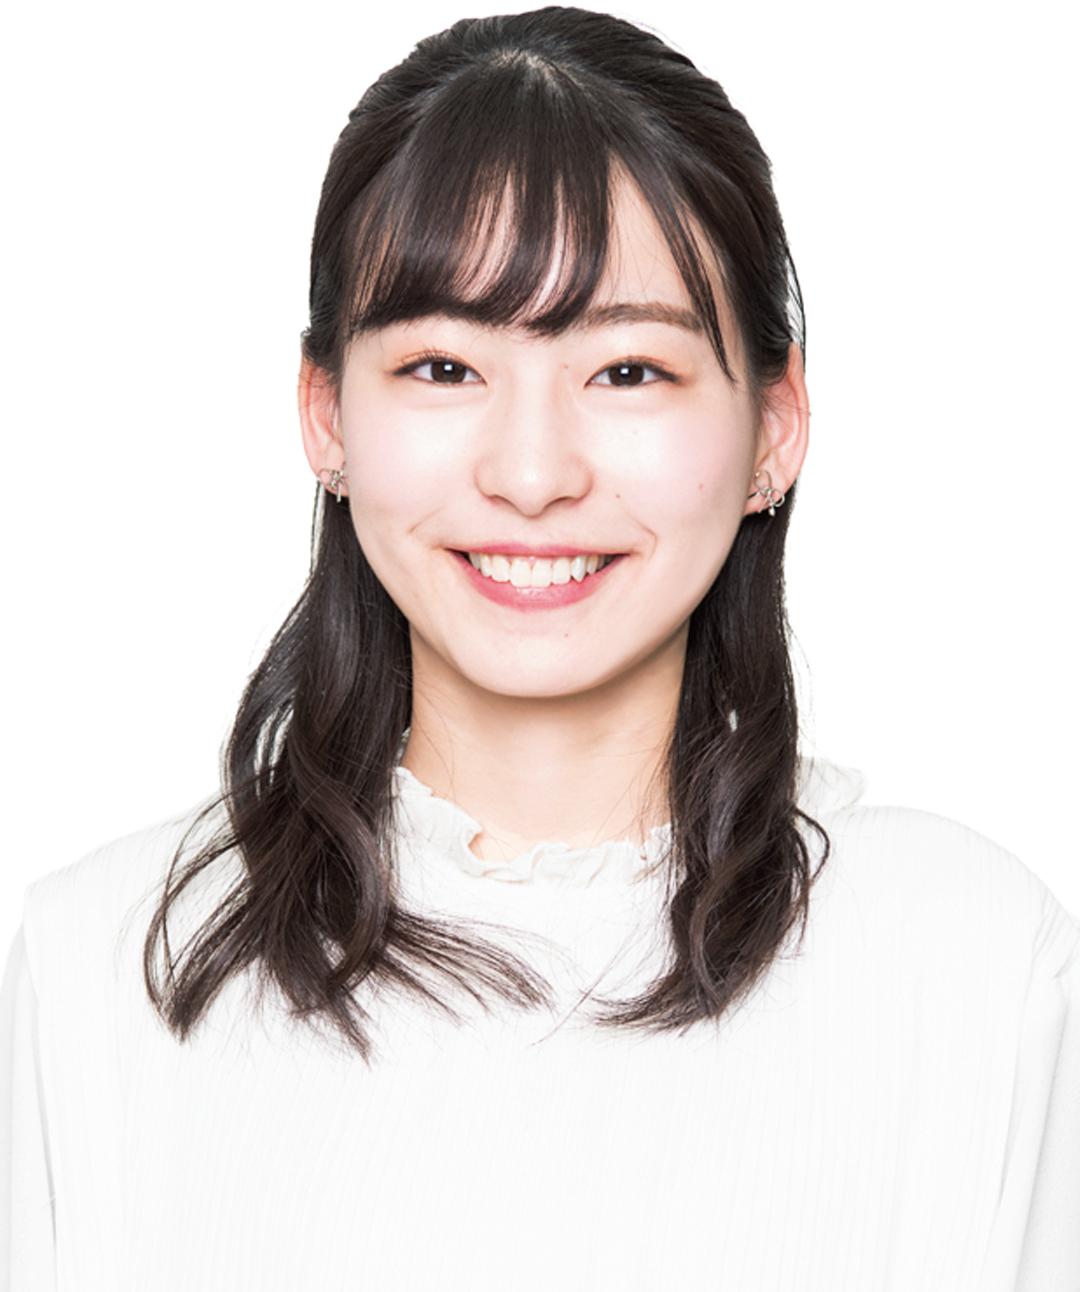 祝♡ 新加入! 5期生のブログをまとめてチェック【カワイイ選抜】_1_9-2